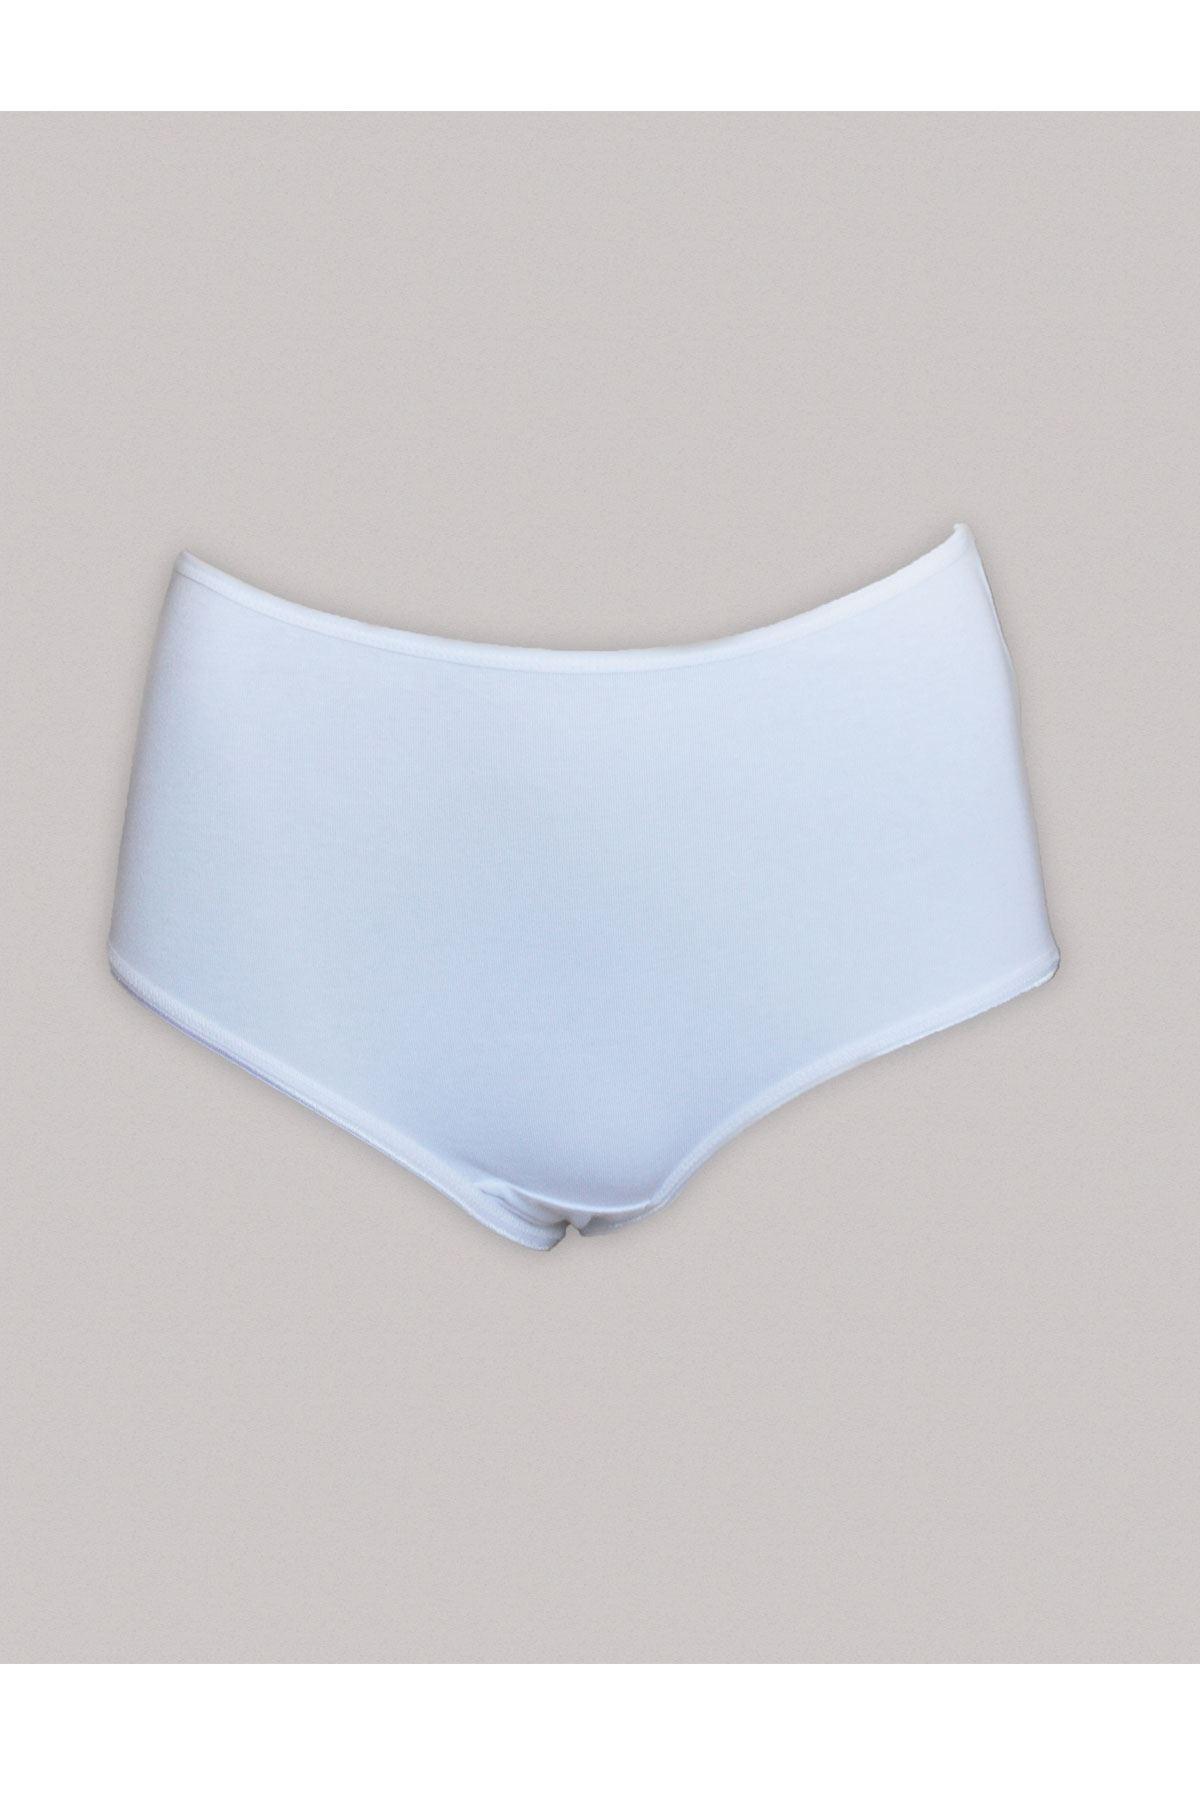 Beyaz Kadın 6 ' Lı Paket Yüksek Bel Pamuklu Slip 125